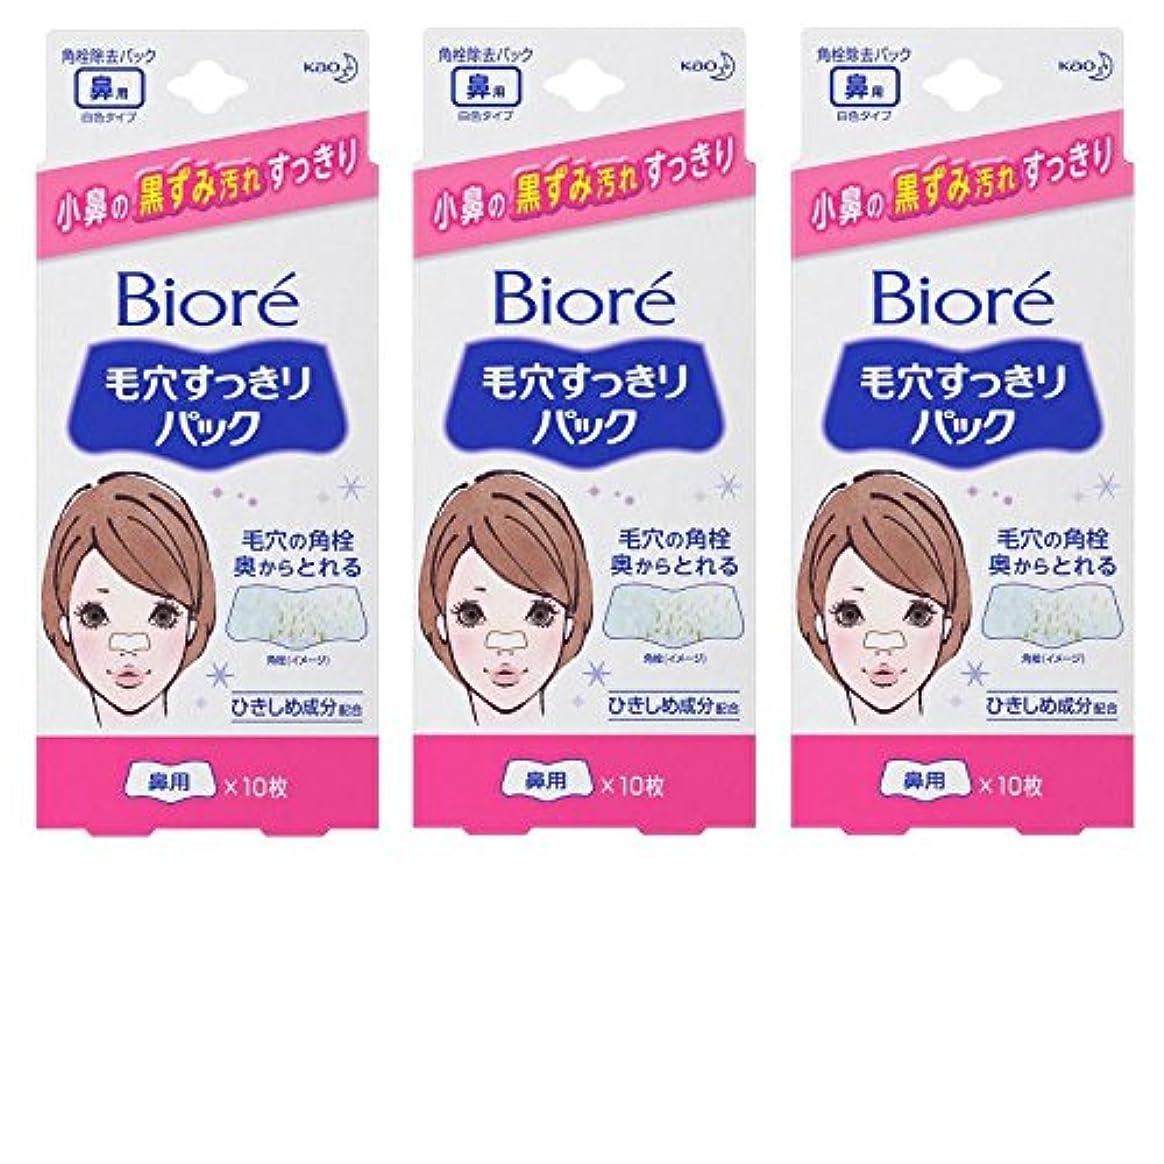 惨めな偽造フォアマン【まとめ買い】ビオレ 毛穴すっきりパック 鼻用 白色タイプ 10枚入 × 3個